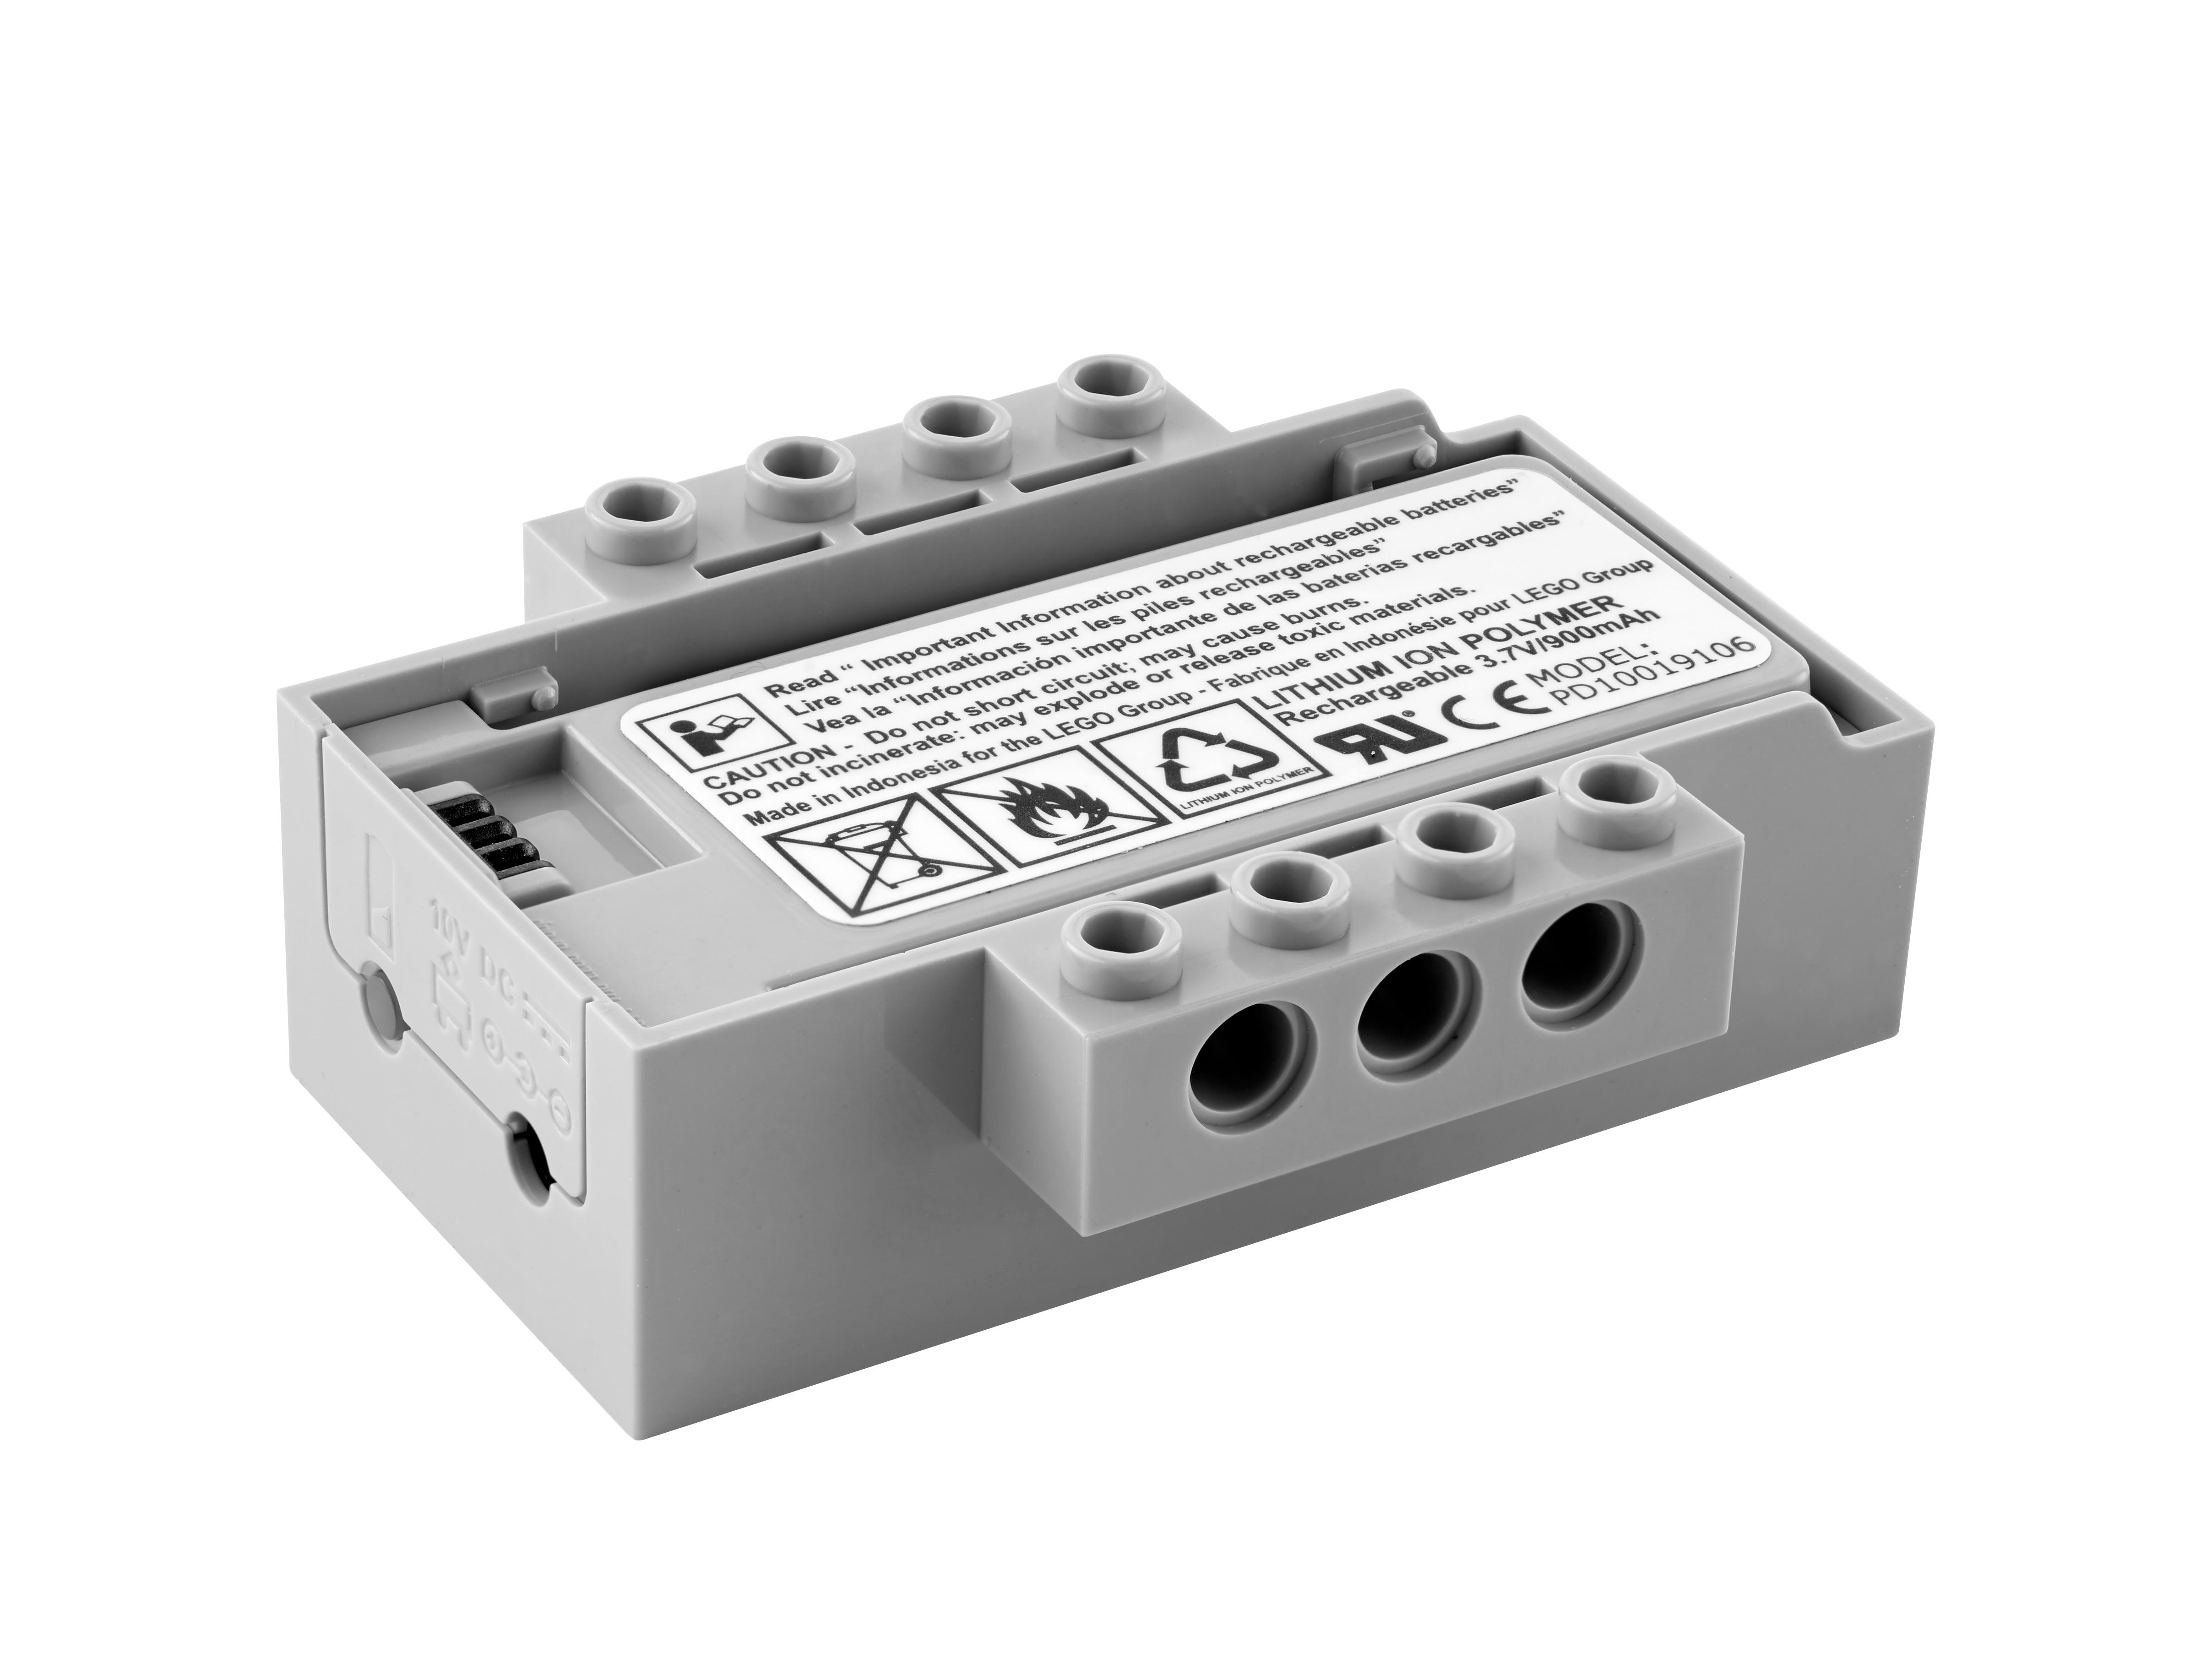 Smarthub Rechargeable Battery